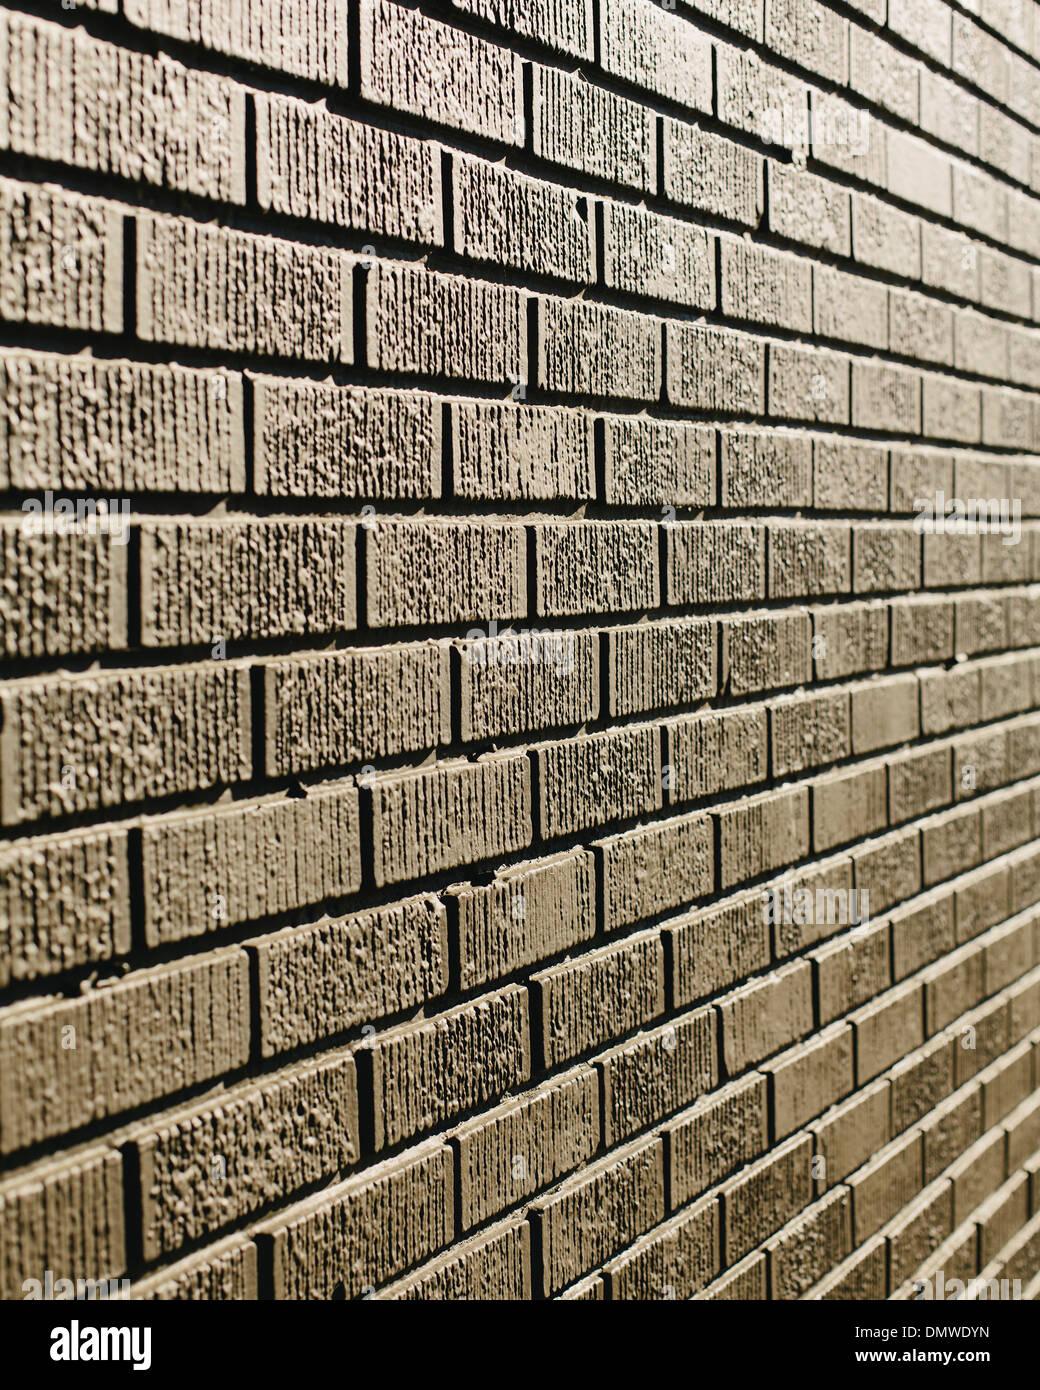 Un marrone muro di mattoni in una città. Immagini Stock